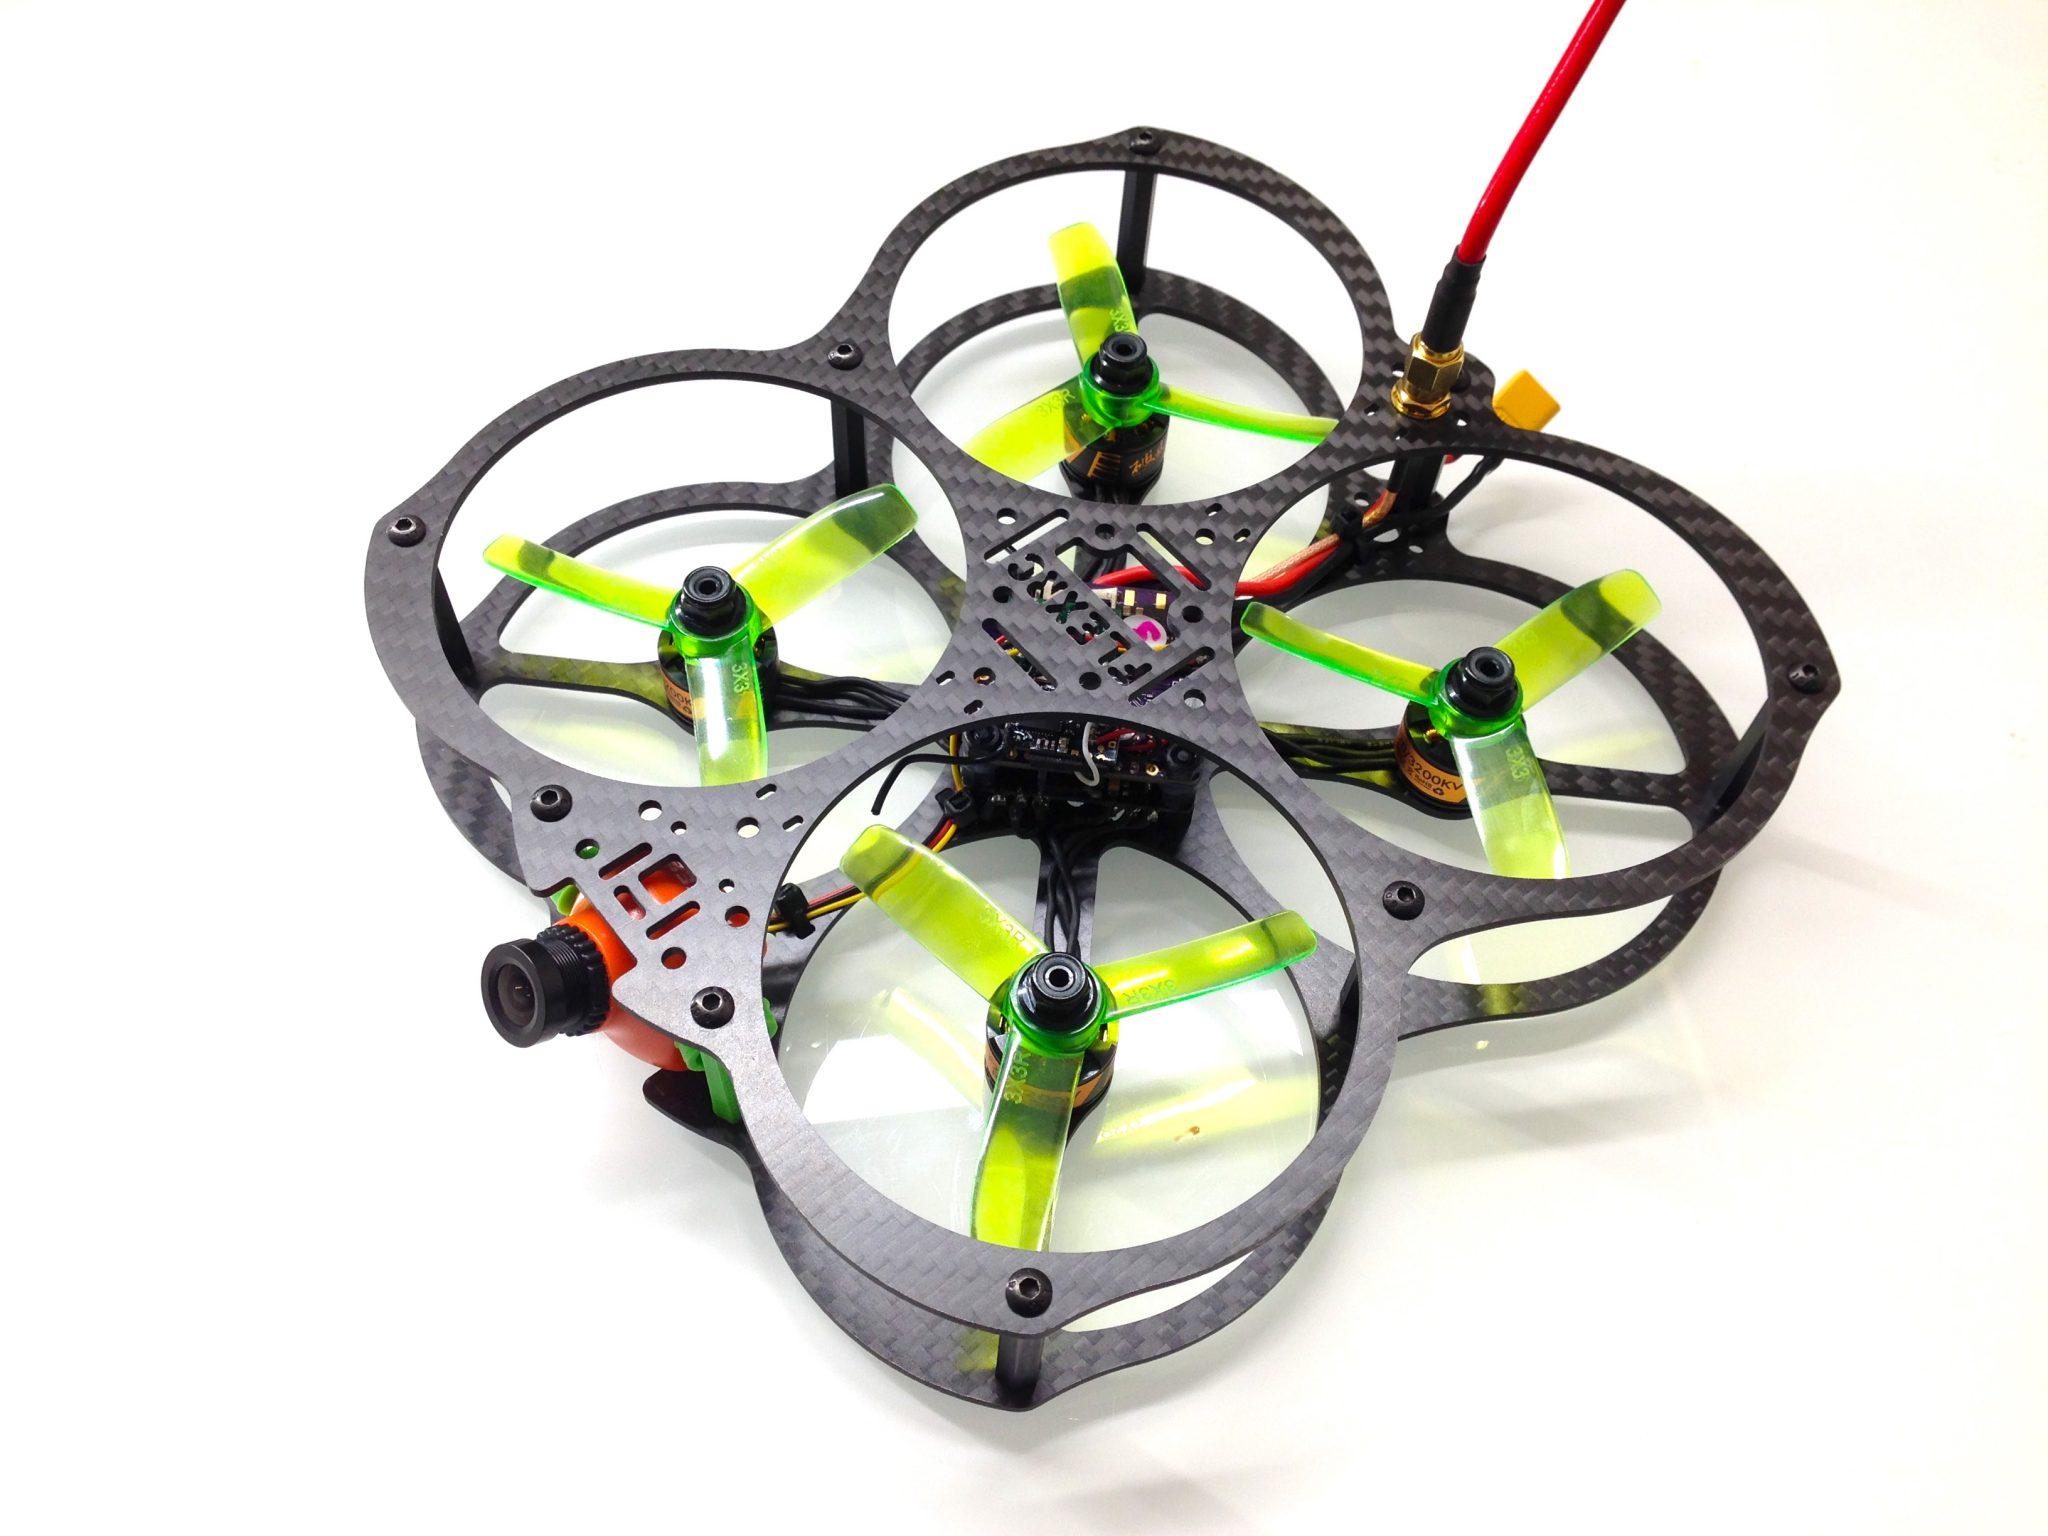 FPV Proximity Quadcopter